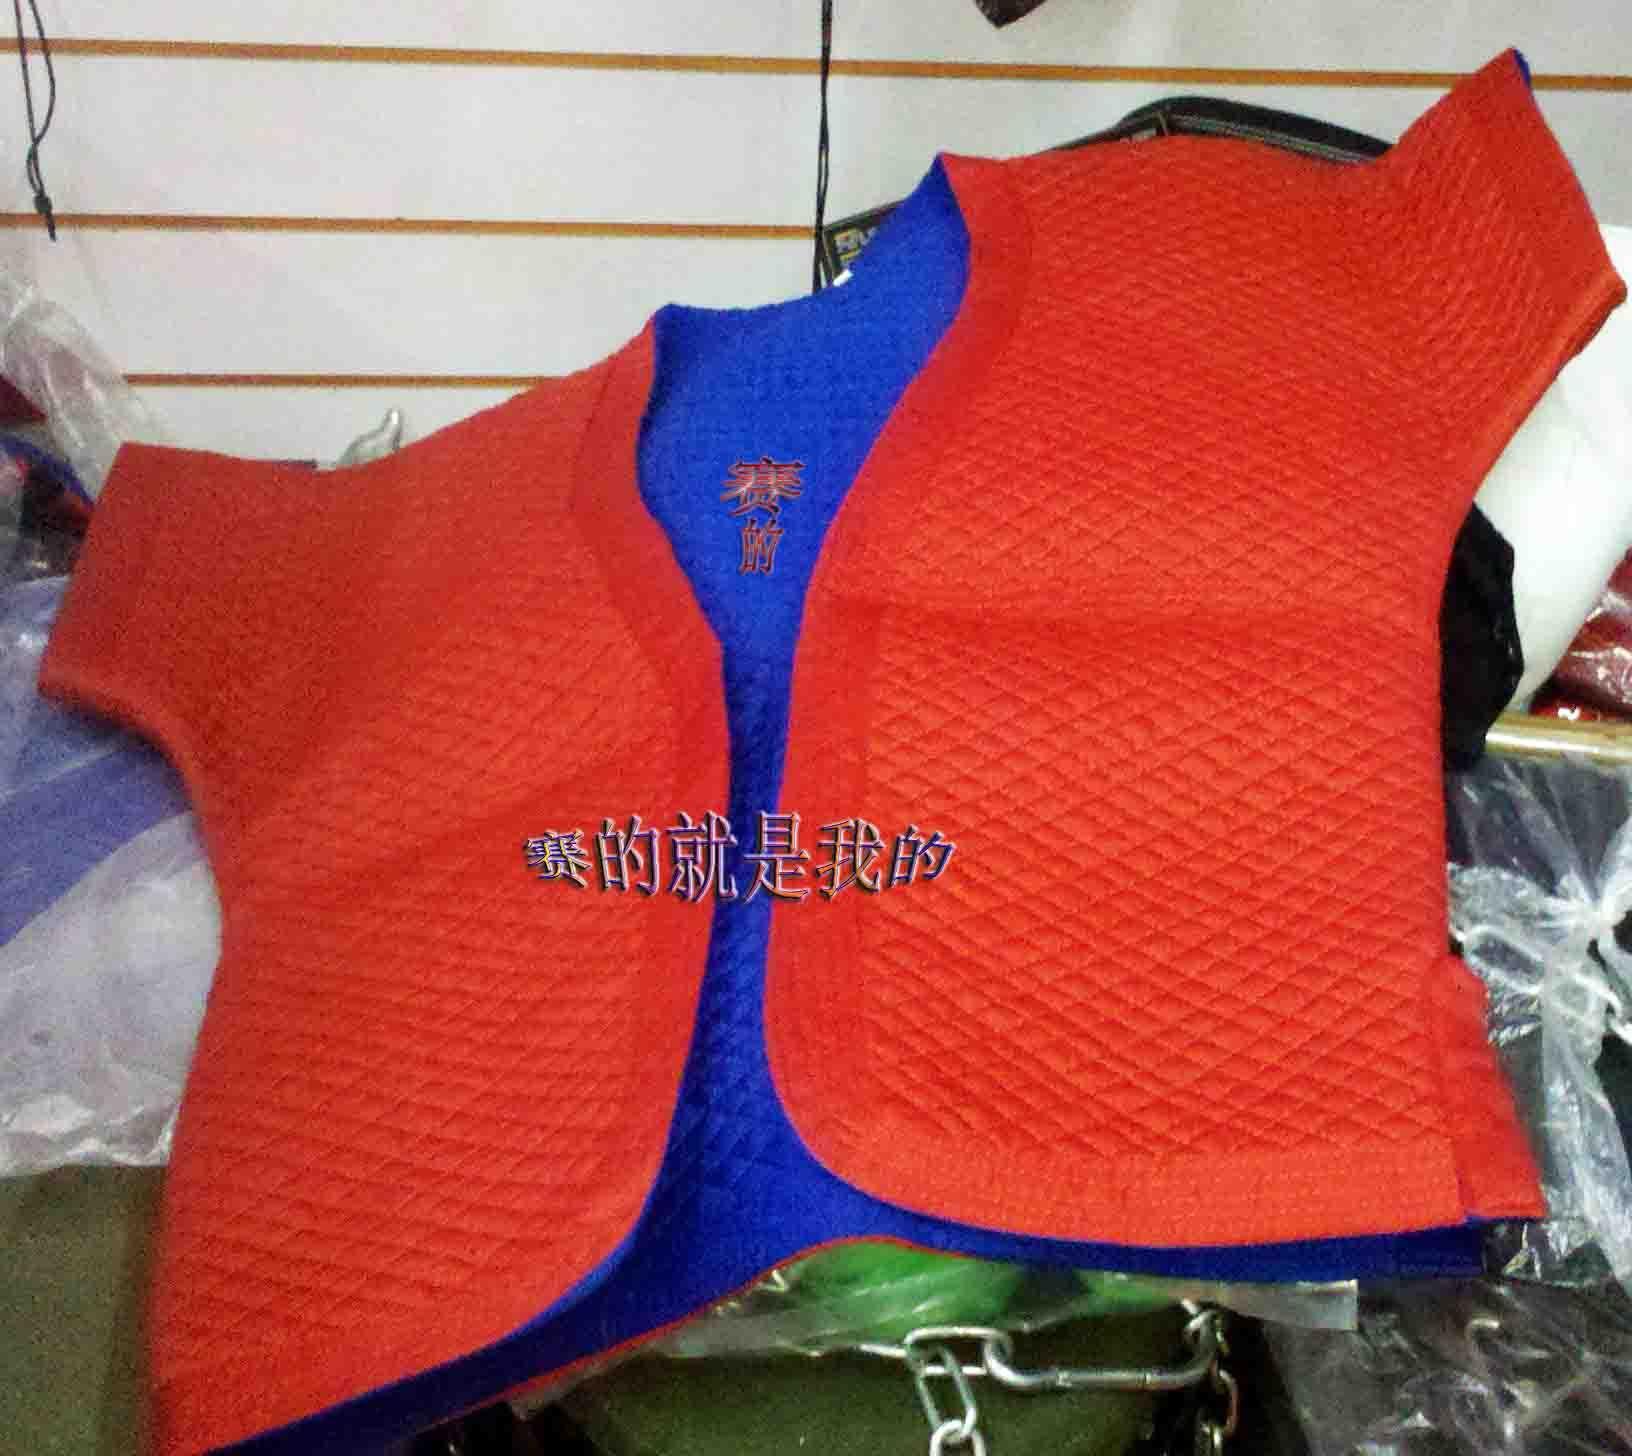 Форма для борьбы Пекин производители/традиционный борцовский костюм/красный синий двусторонний китайский стиль борьбы одежда костюмы костюм Санда тхэквондо